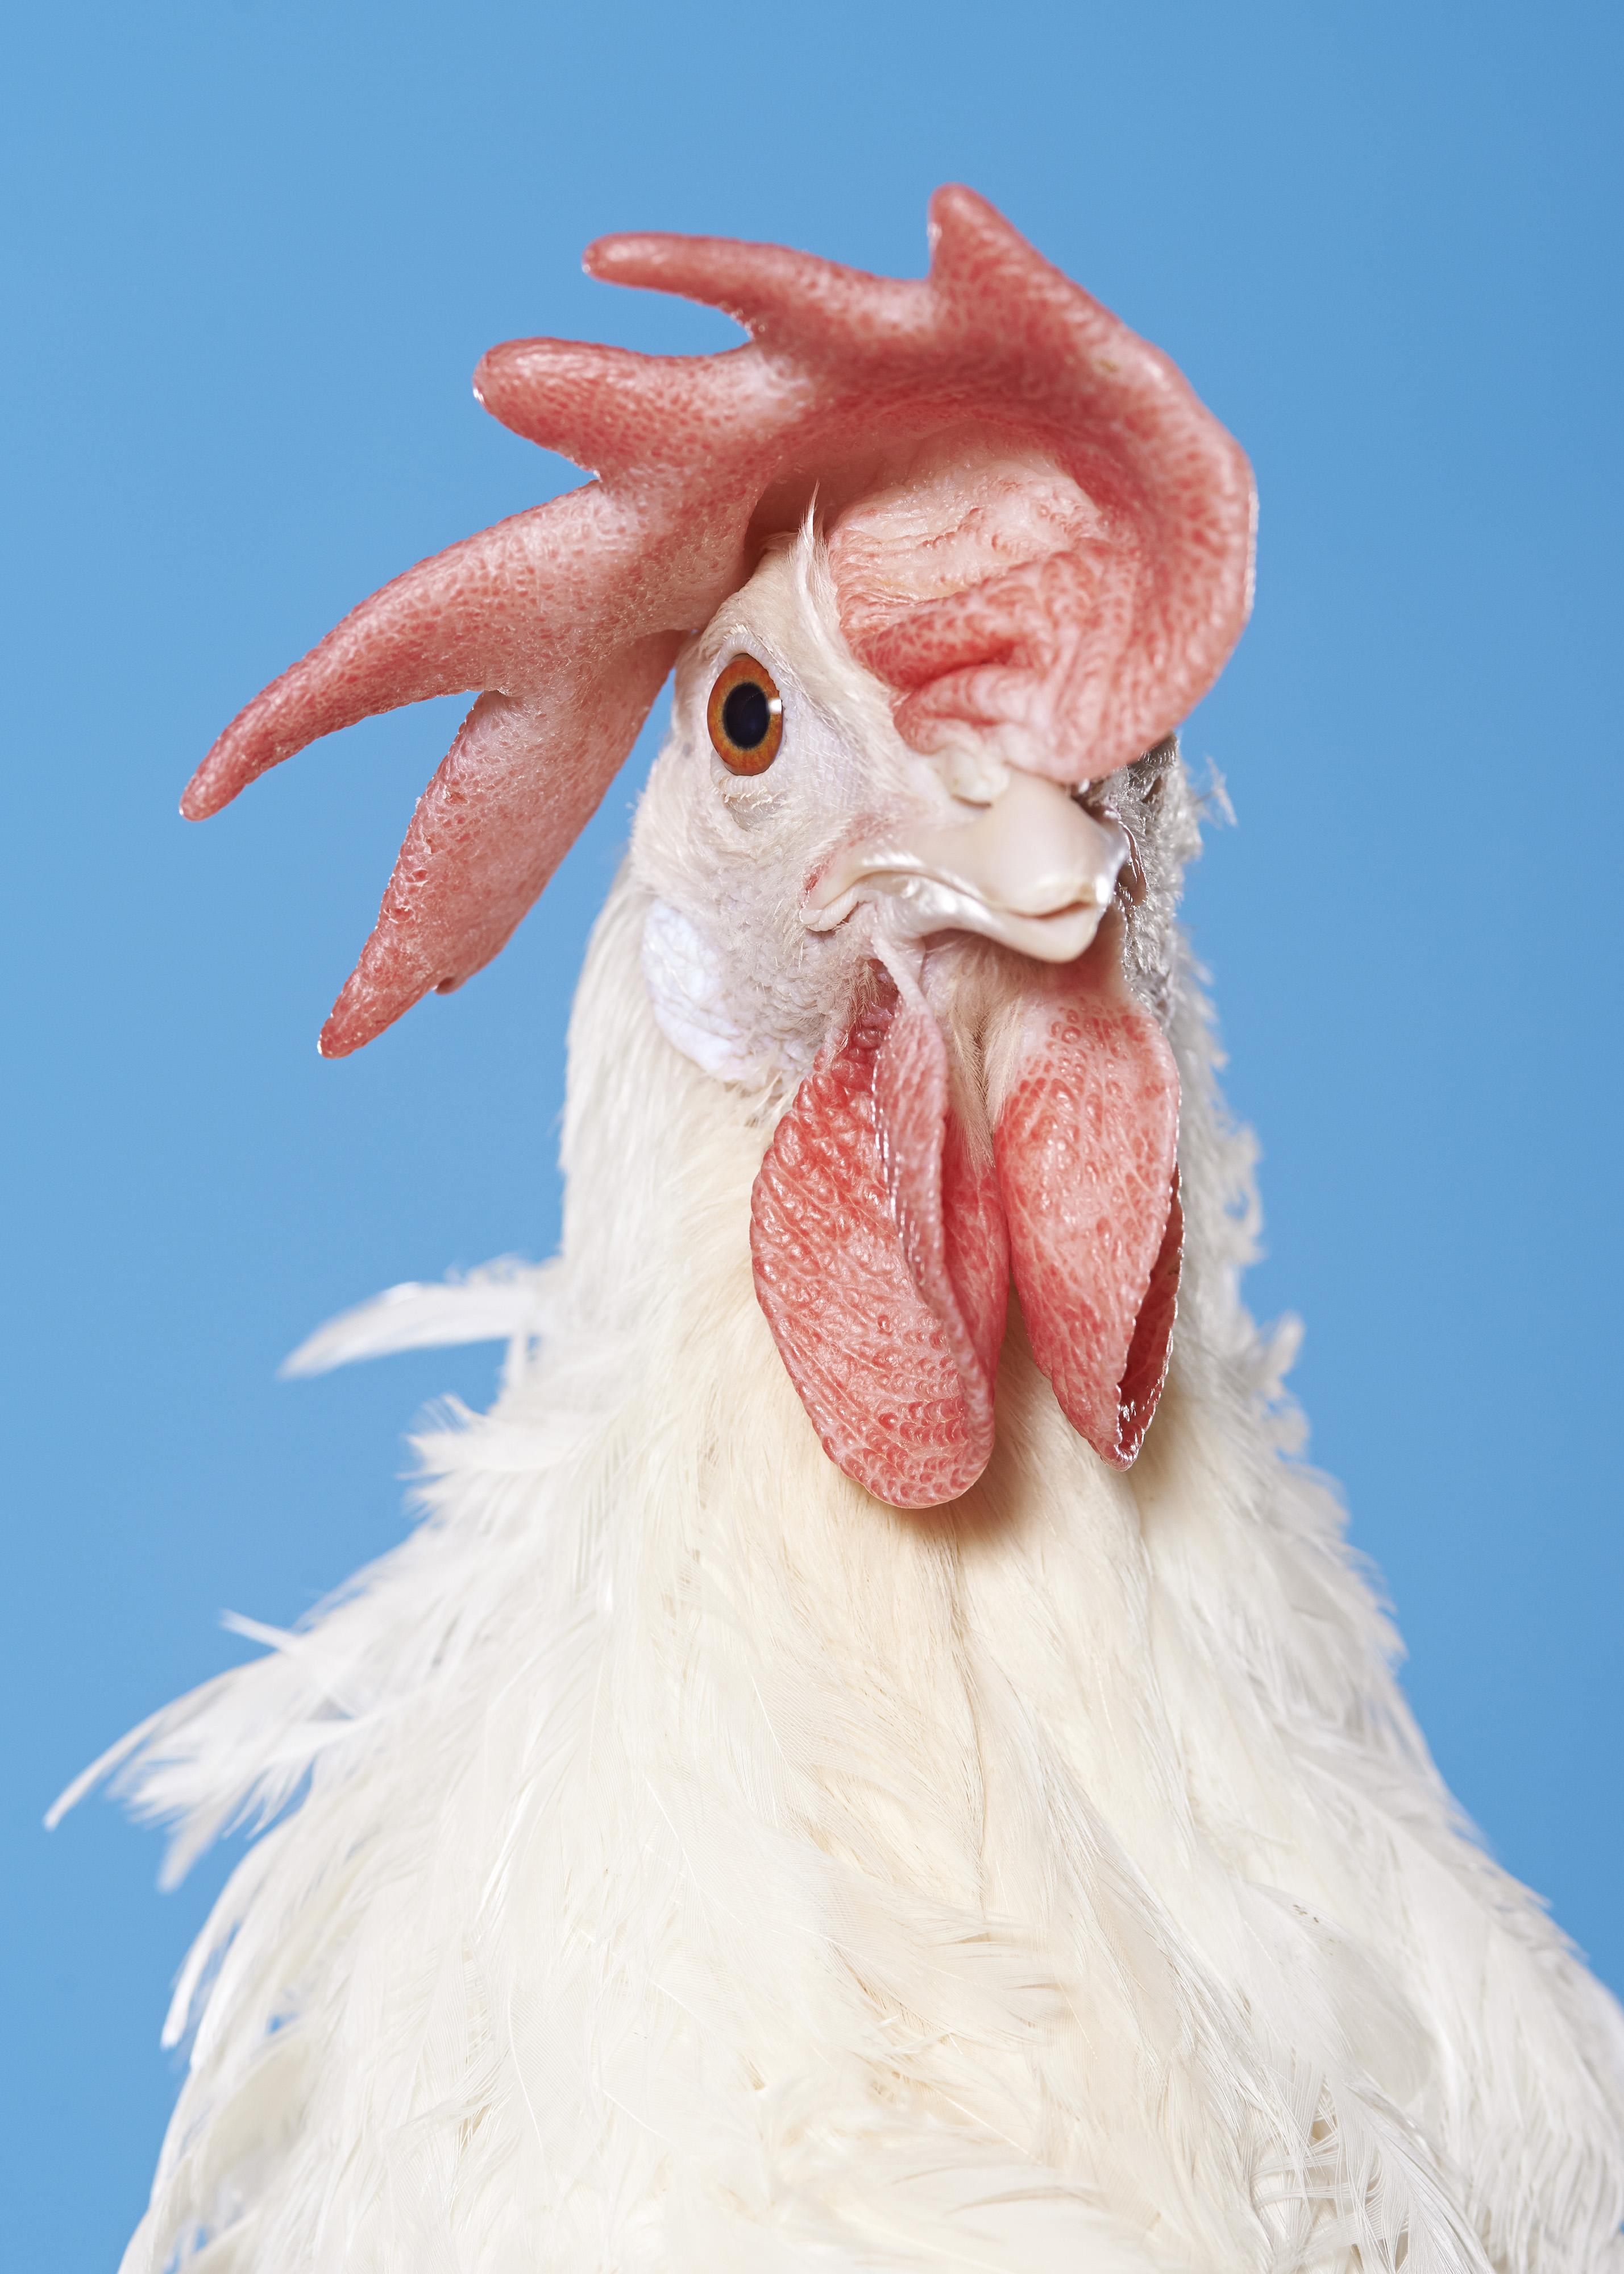 SZALAI Dániel: Chicken 5115 (from the project Novogen) / Az 5115-ös tyúk (A Novogen projektből) 2017